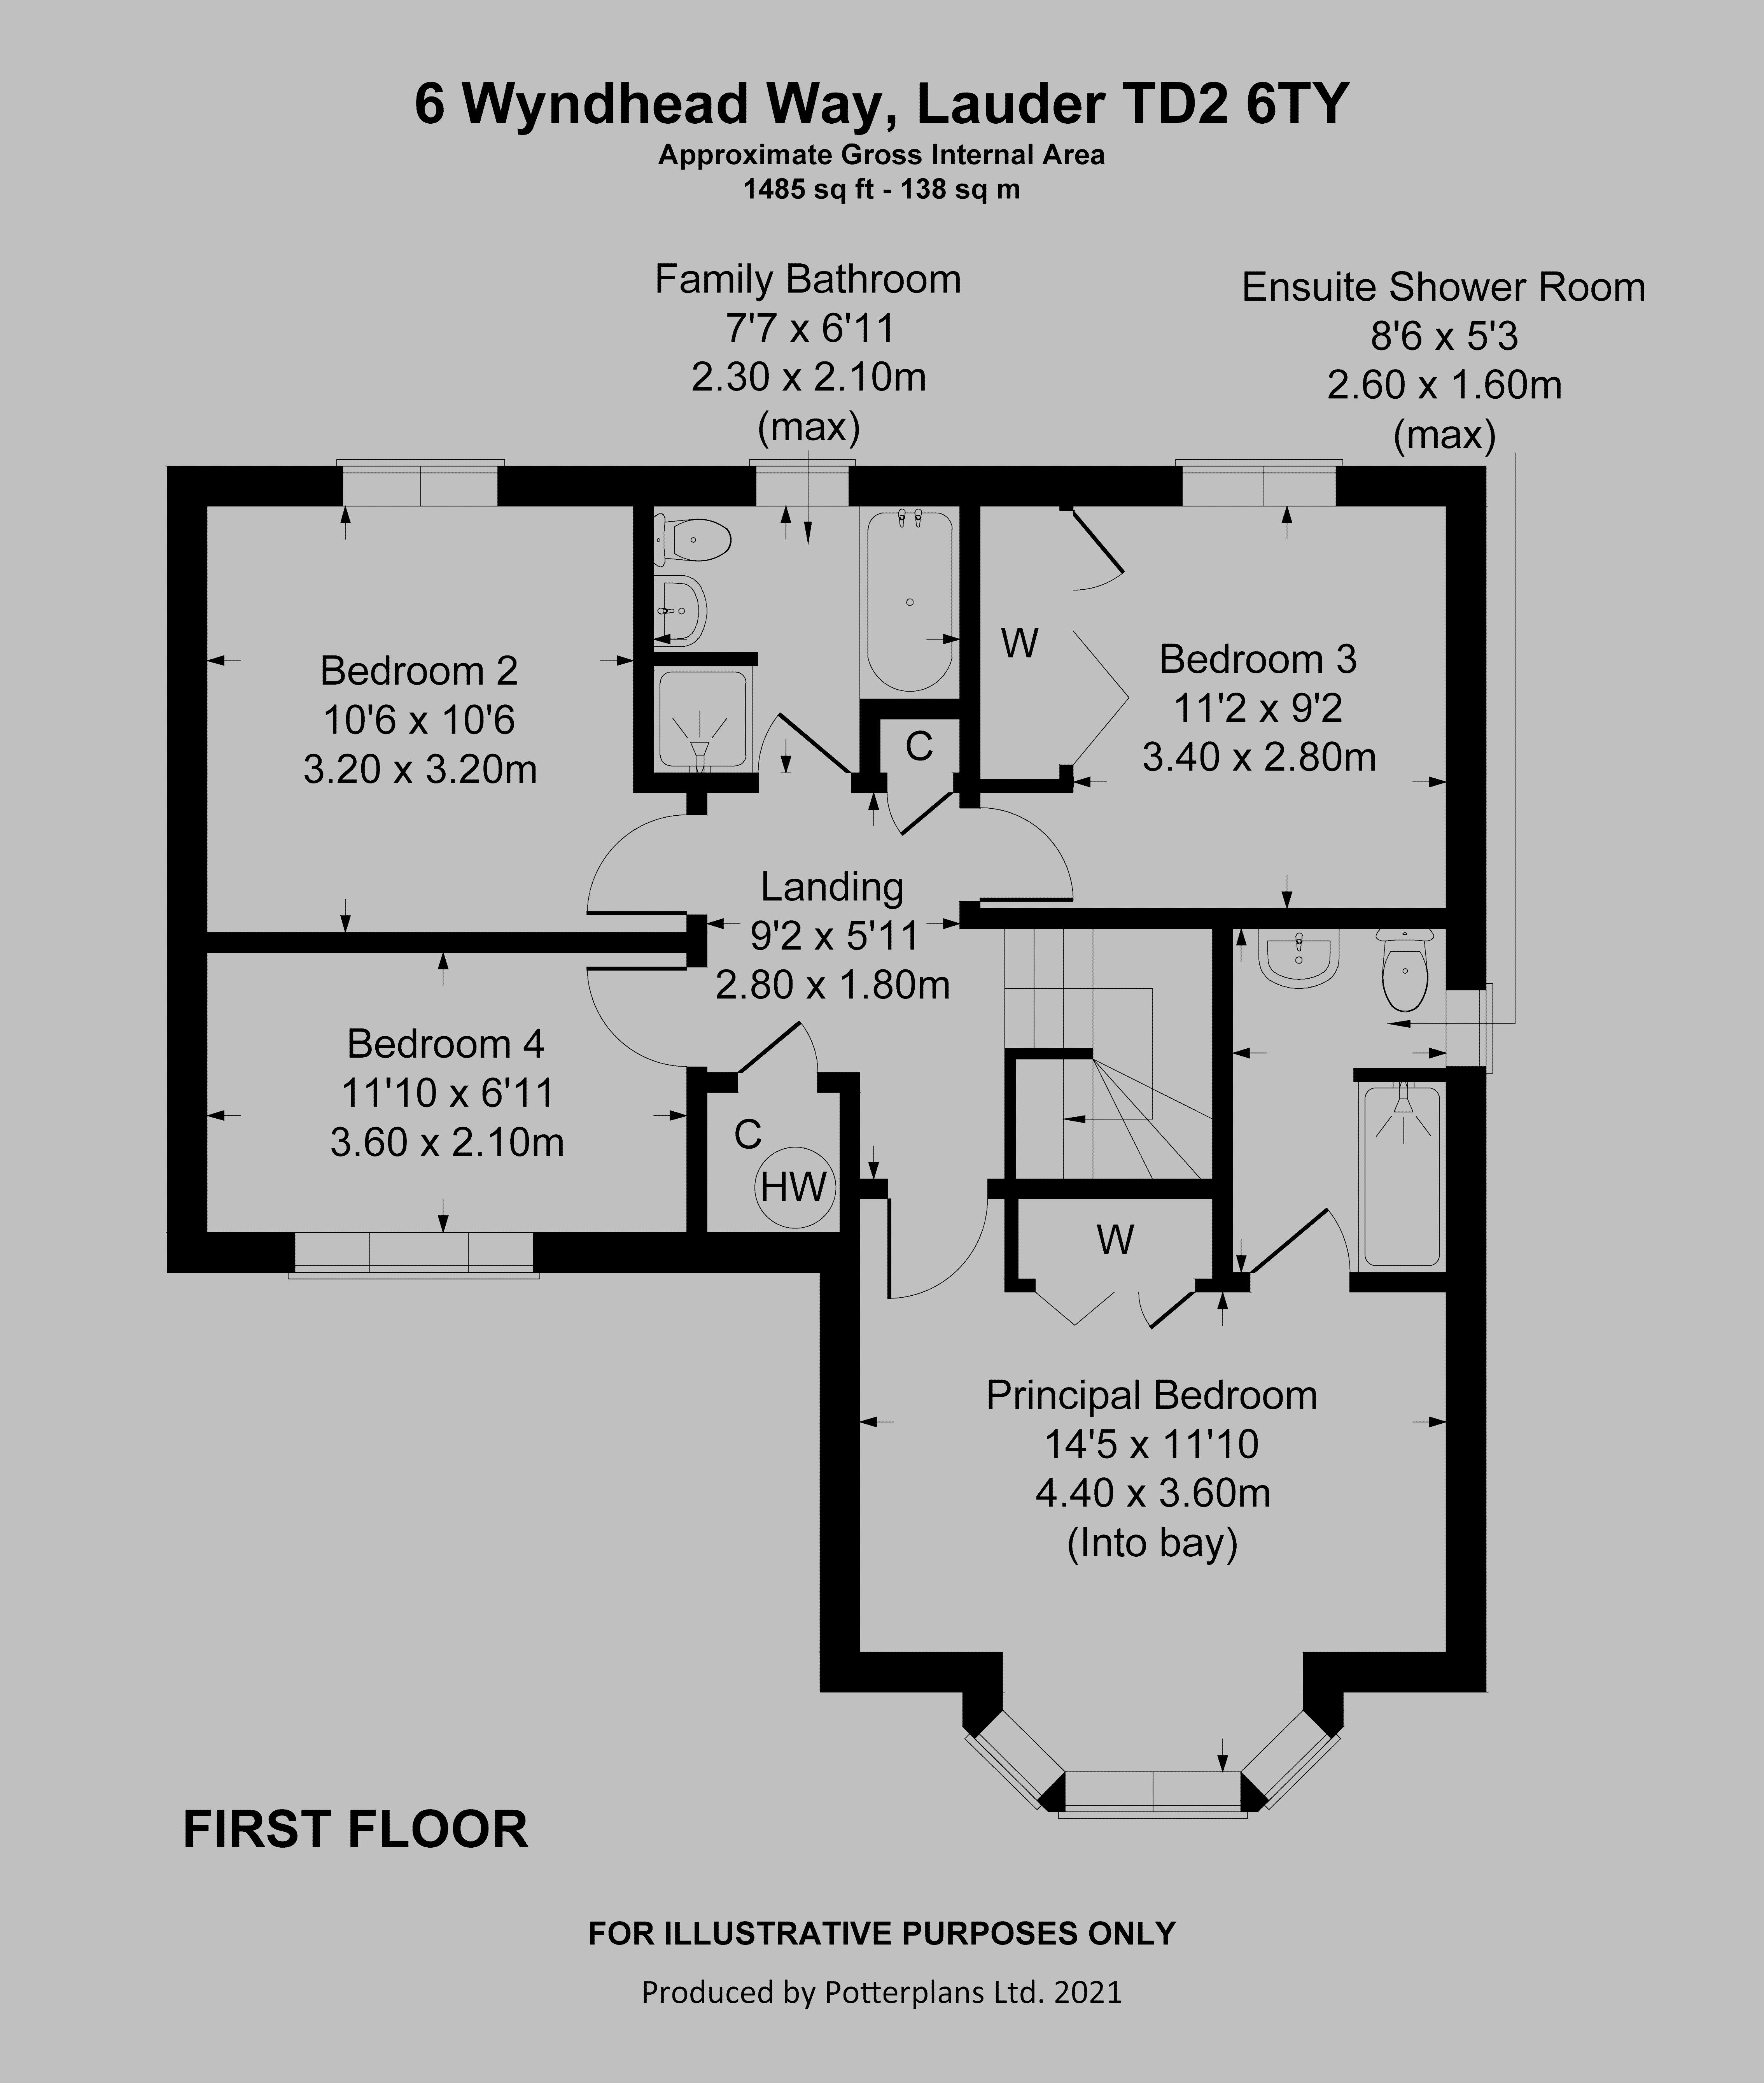 6 Wyndhead Way First Floor